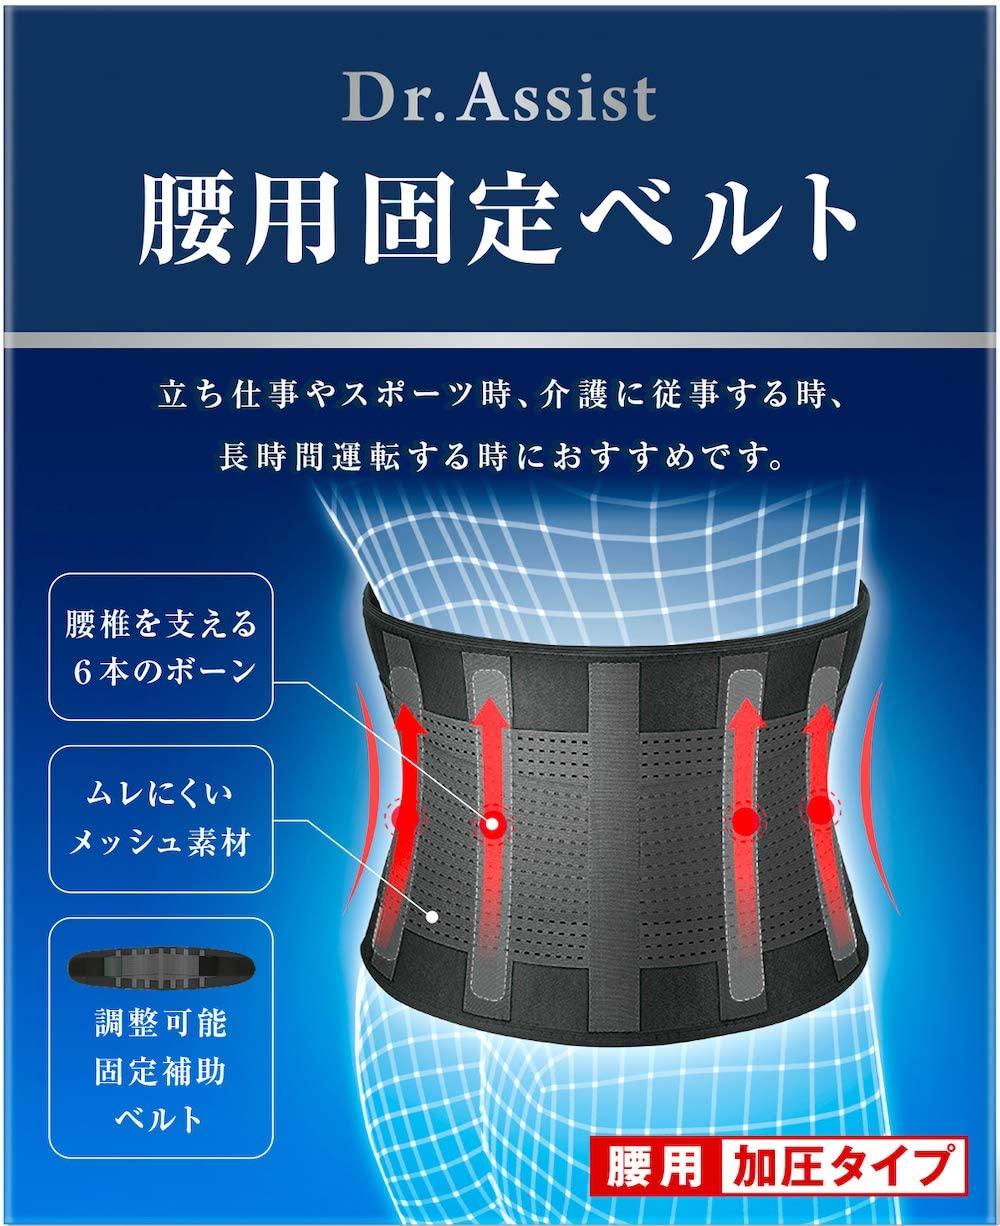 アマゾンでDr.Assist 腰痛ベルトが半額の1000円。